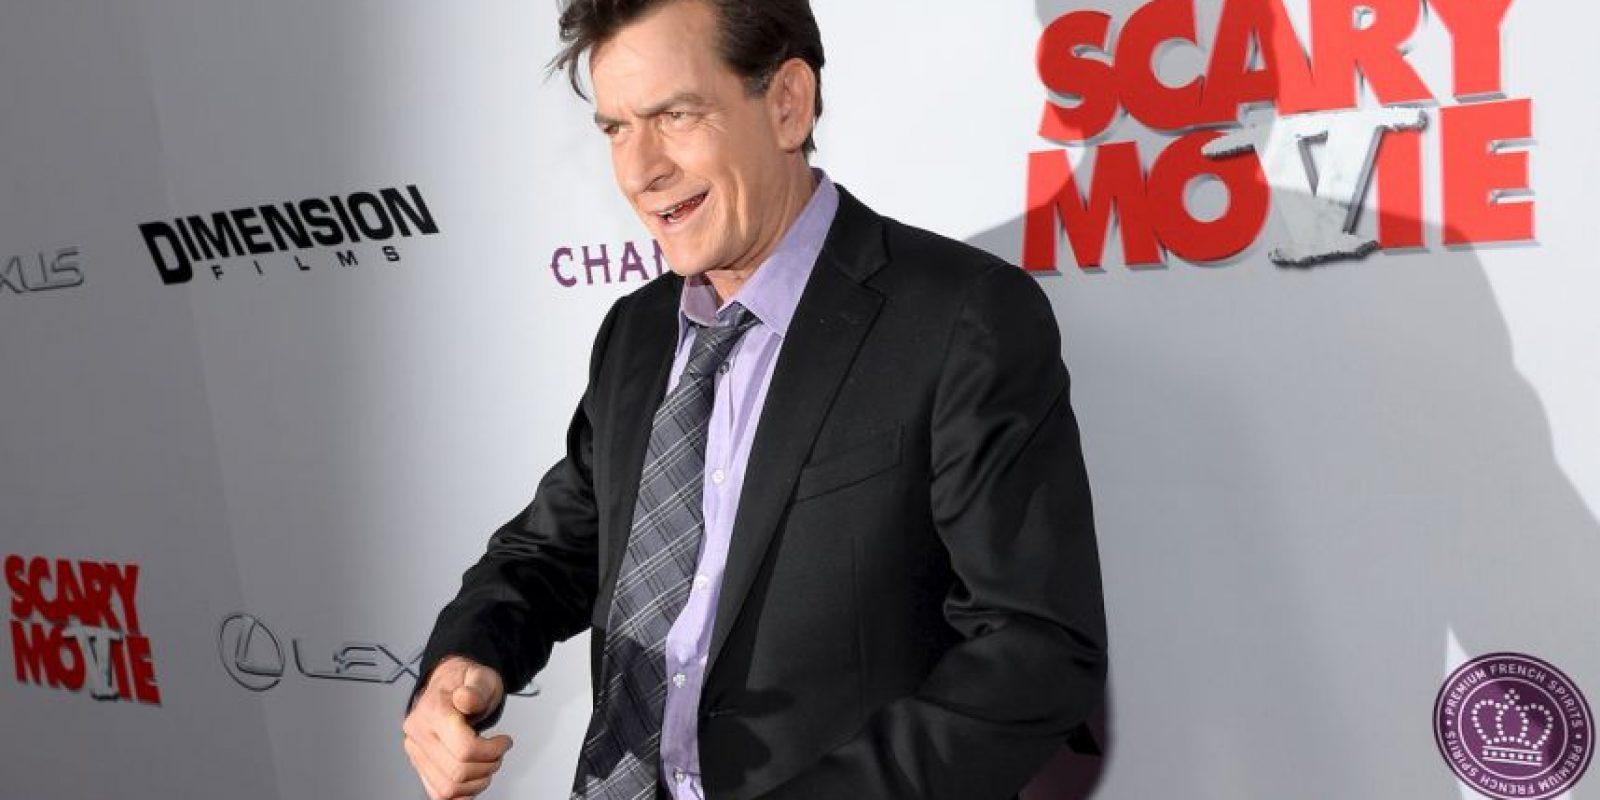 """Charlie Sheen. El actor comenzó llamando al magnate """"idiota"""", pero meses más tarde algo le pasó por la cabeza para decir que estaba con él de corazón. Foto:Getty Images"""